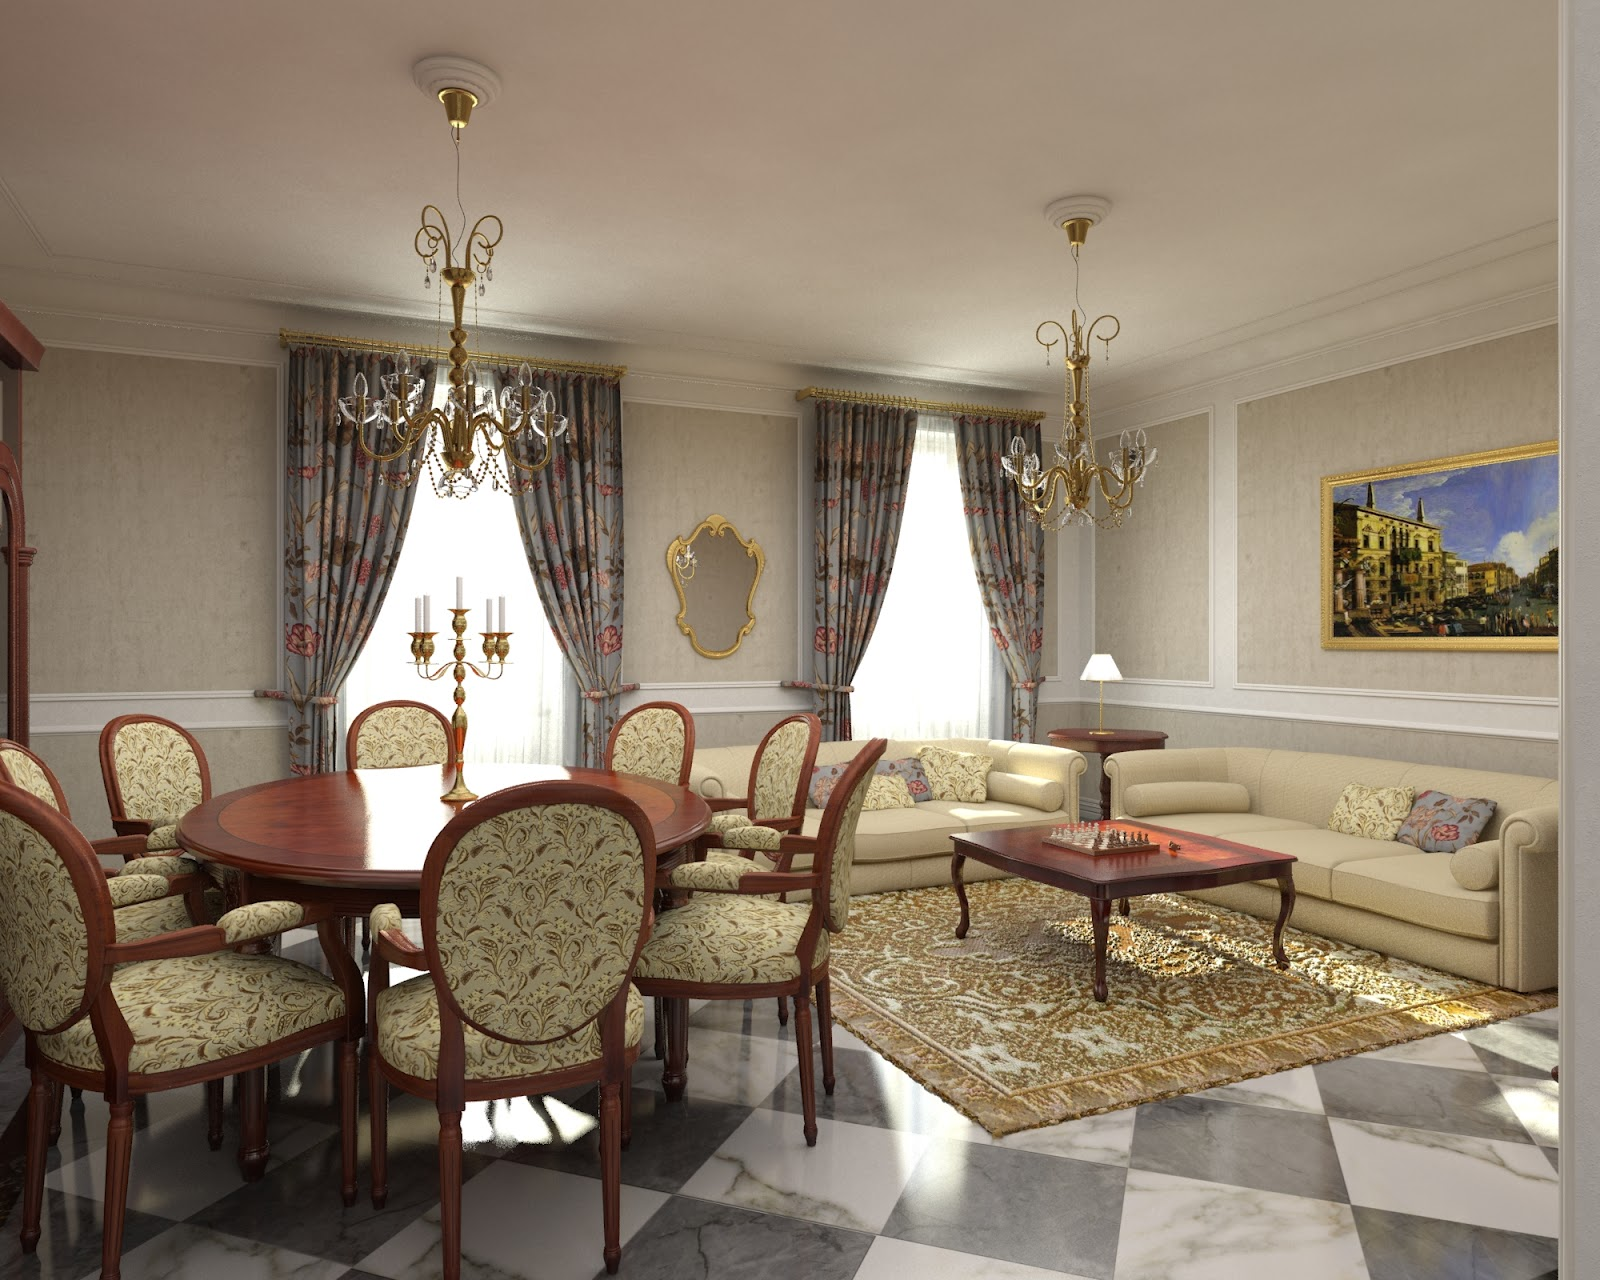 Salas con suelos de m rmol ideas para decorar dise ar y for Decoracion de salas clasicas elegantes